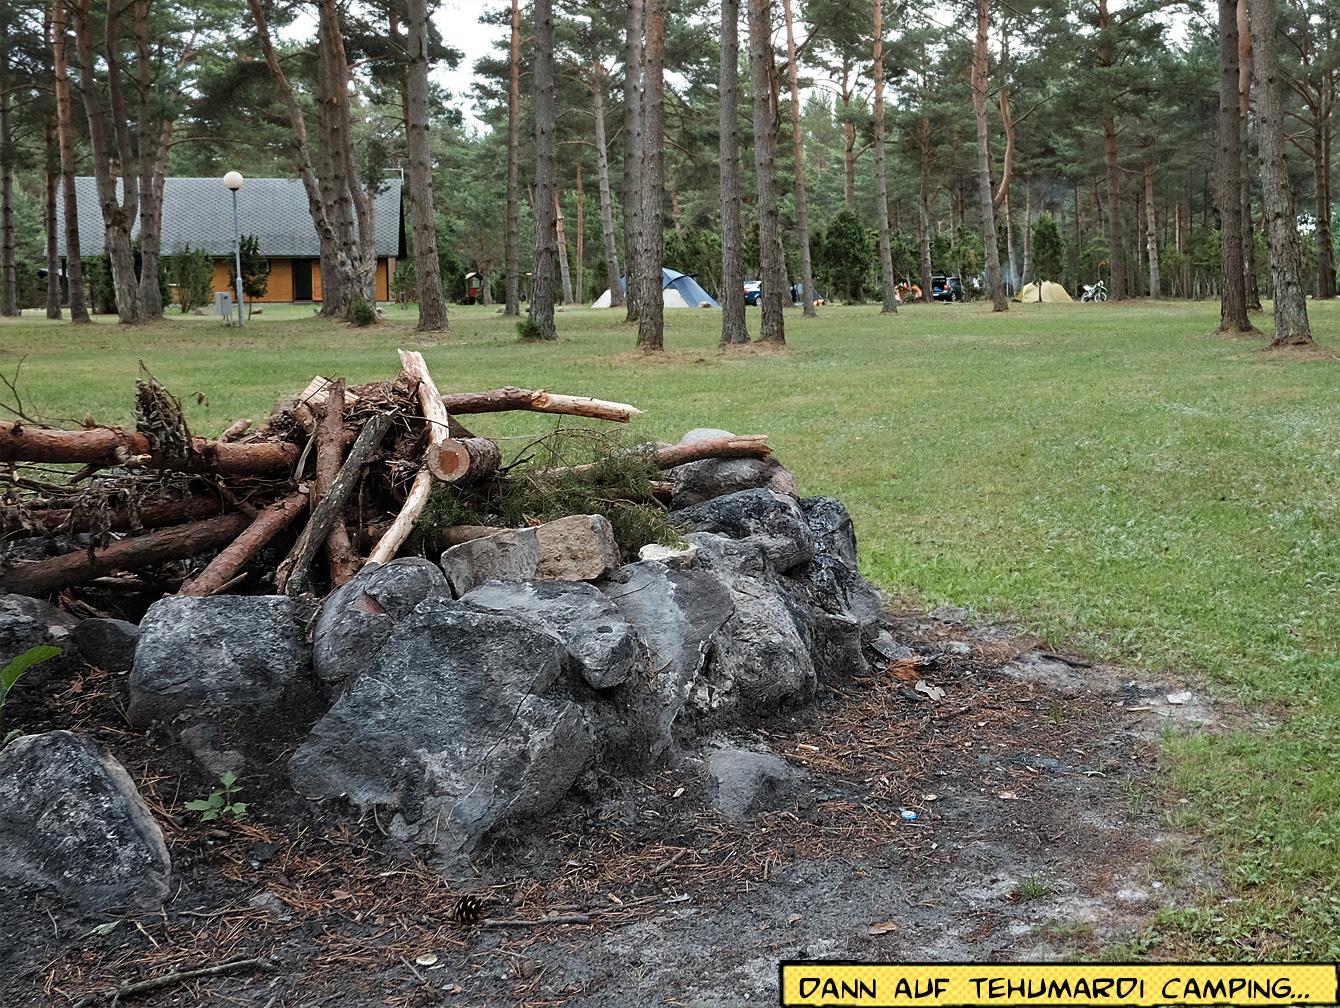 Tehumardi Camping Saaremaa, Estland